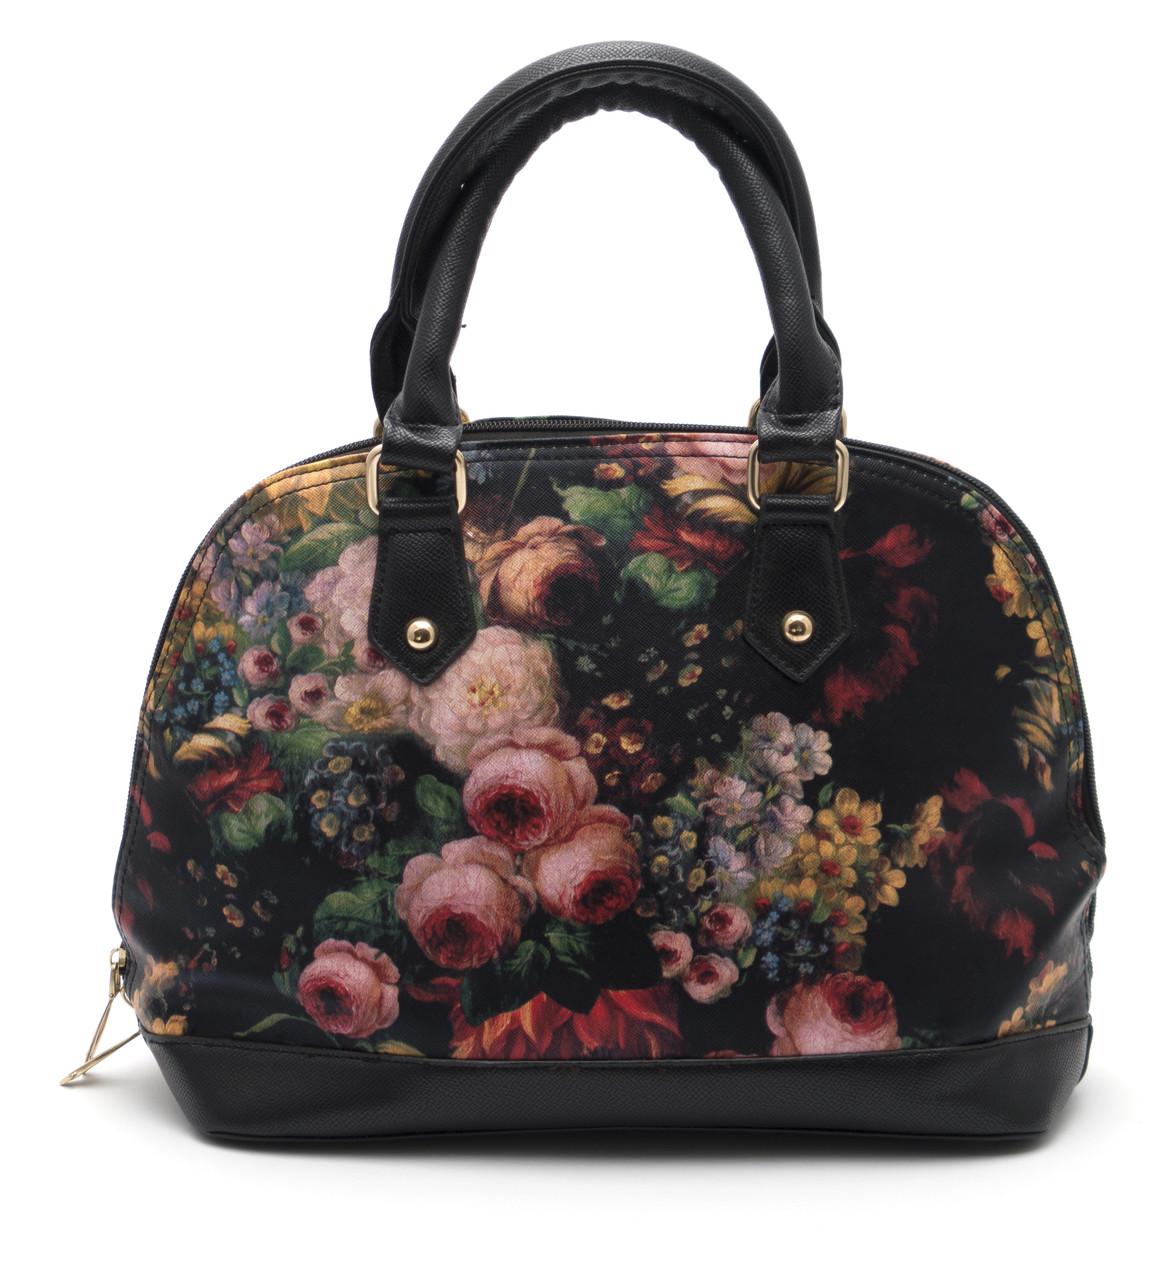 Стильная женская сумка с цветочным принтом Б/Н art. 1359-1